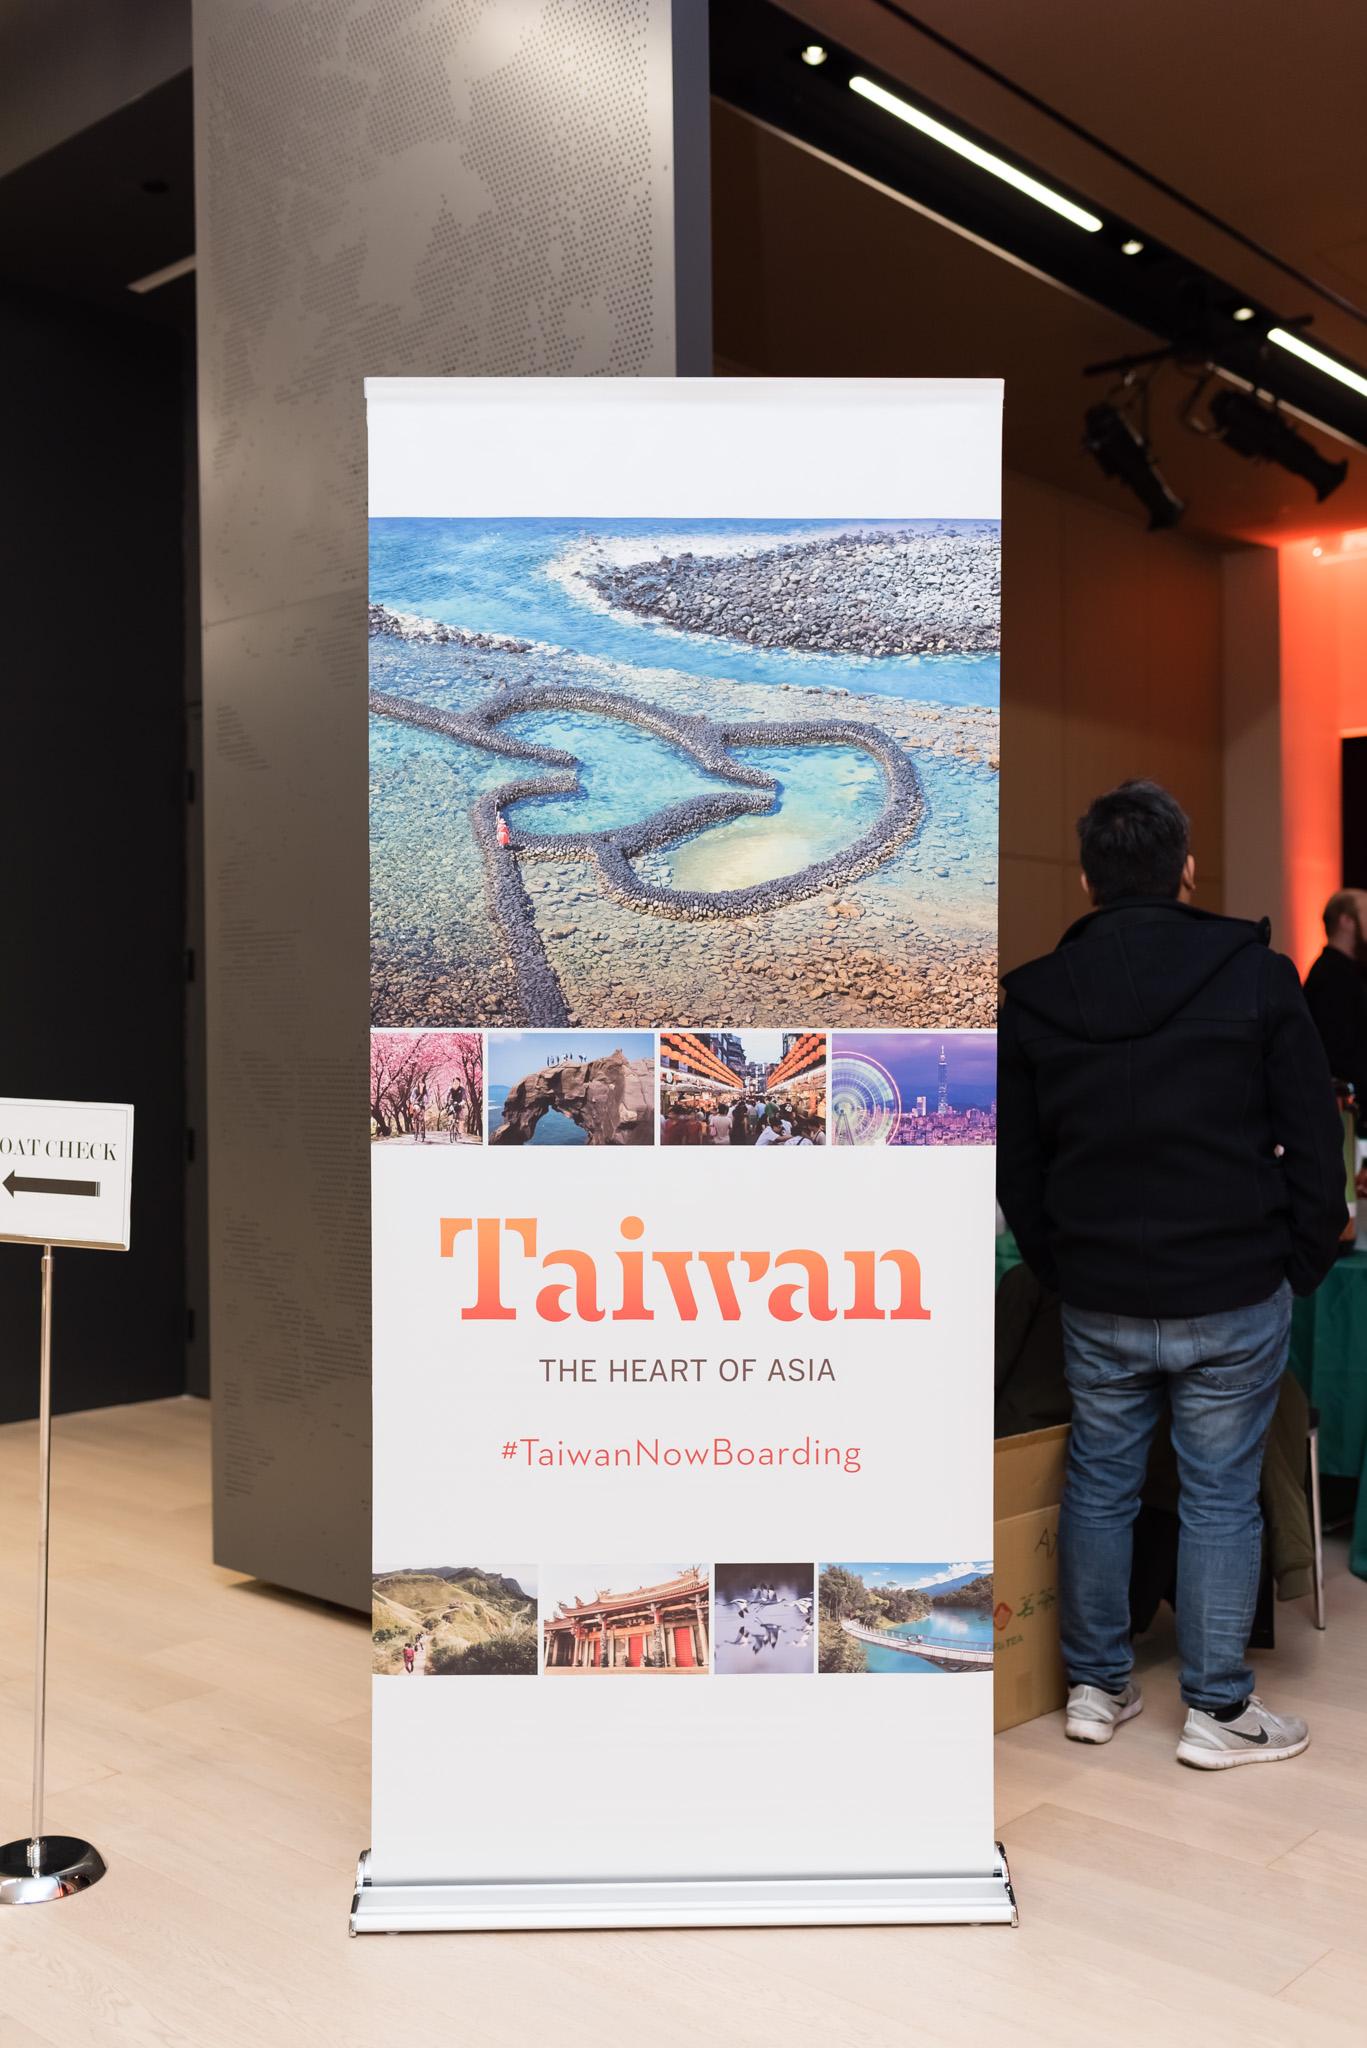 台灣觀光局在多倫多舉辦「Taiwan Now Boarding」系列活動